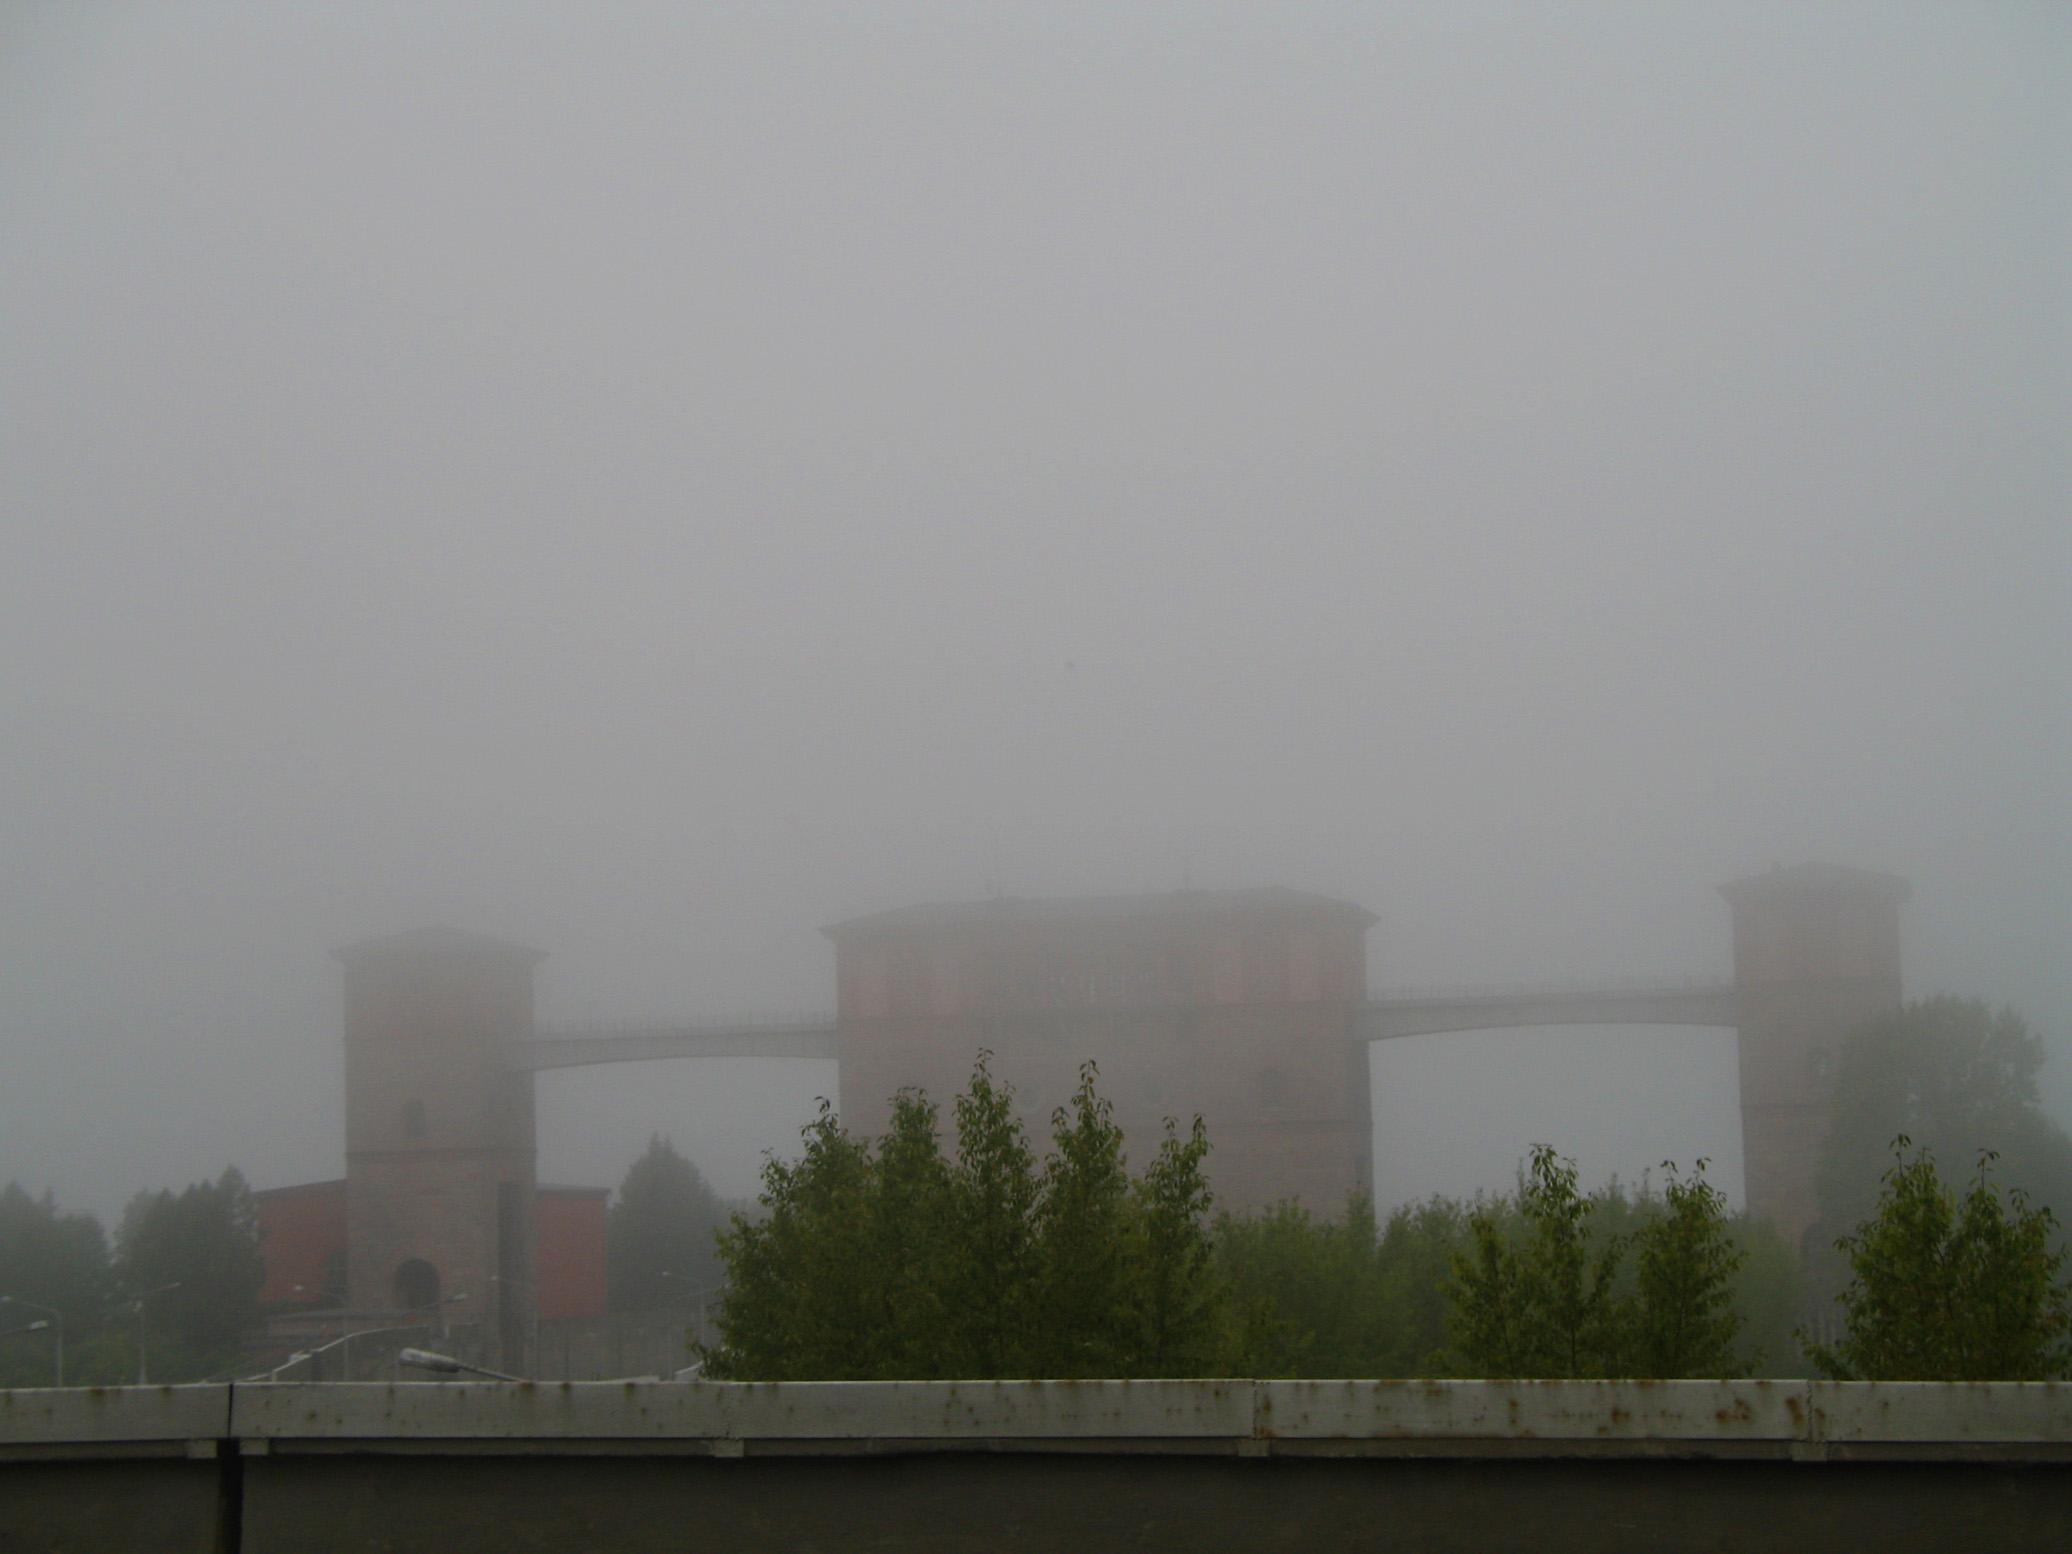 Ежики в тумане, на мотоцикле